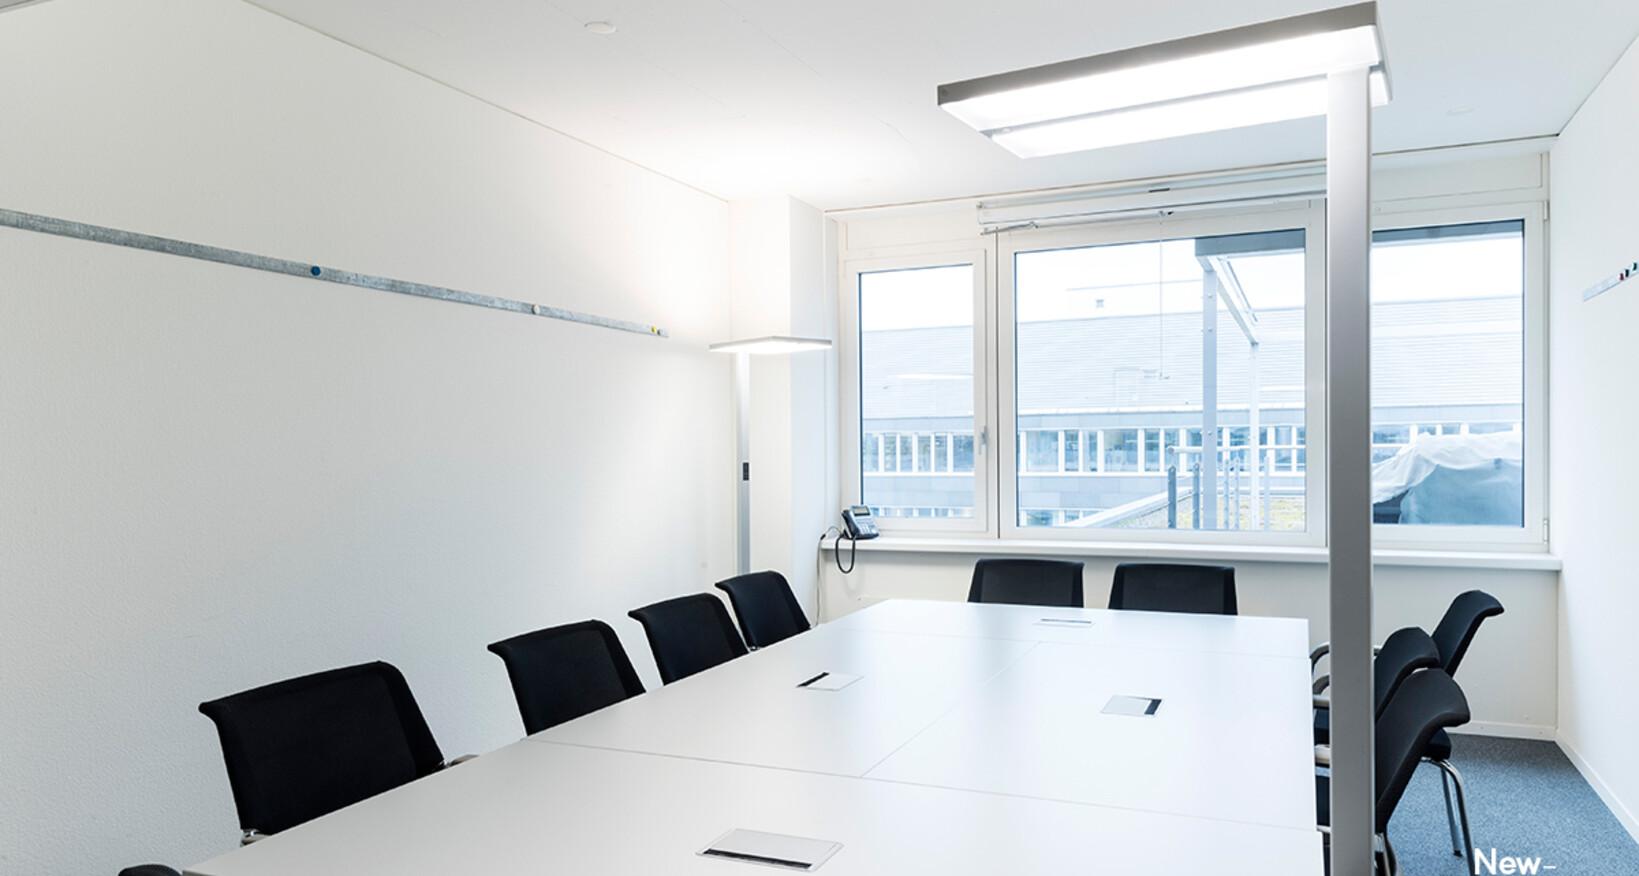 New office ch surface de bureau avec terrasse priv e dans for Surface de bureau